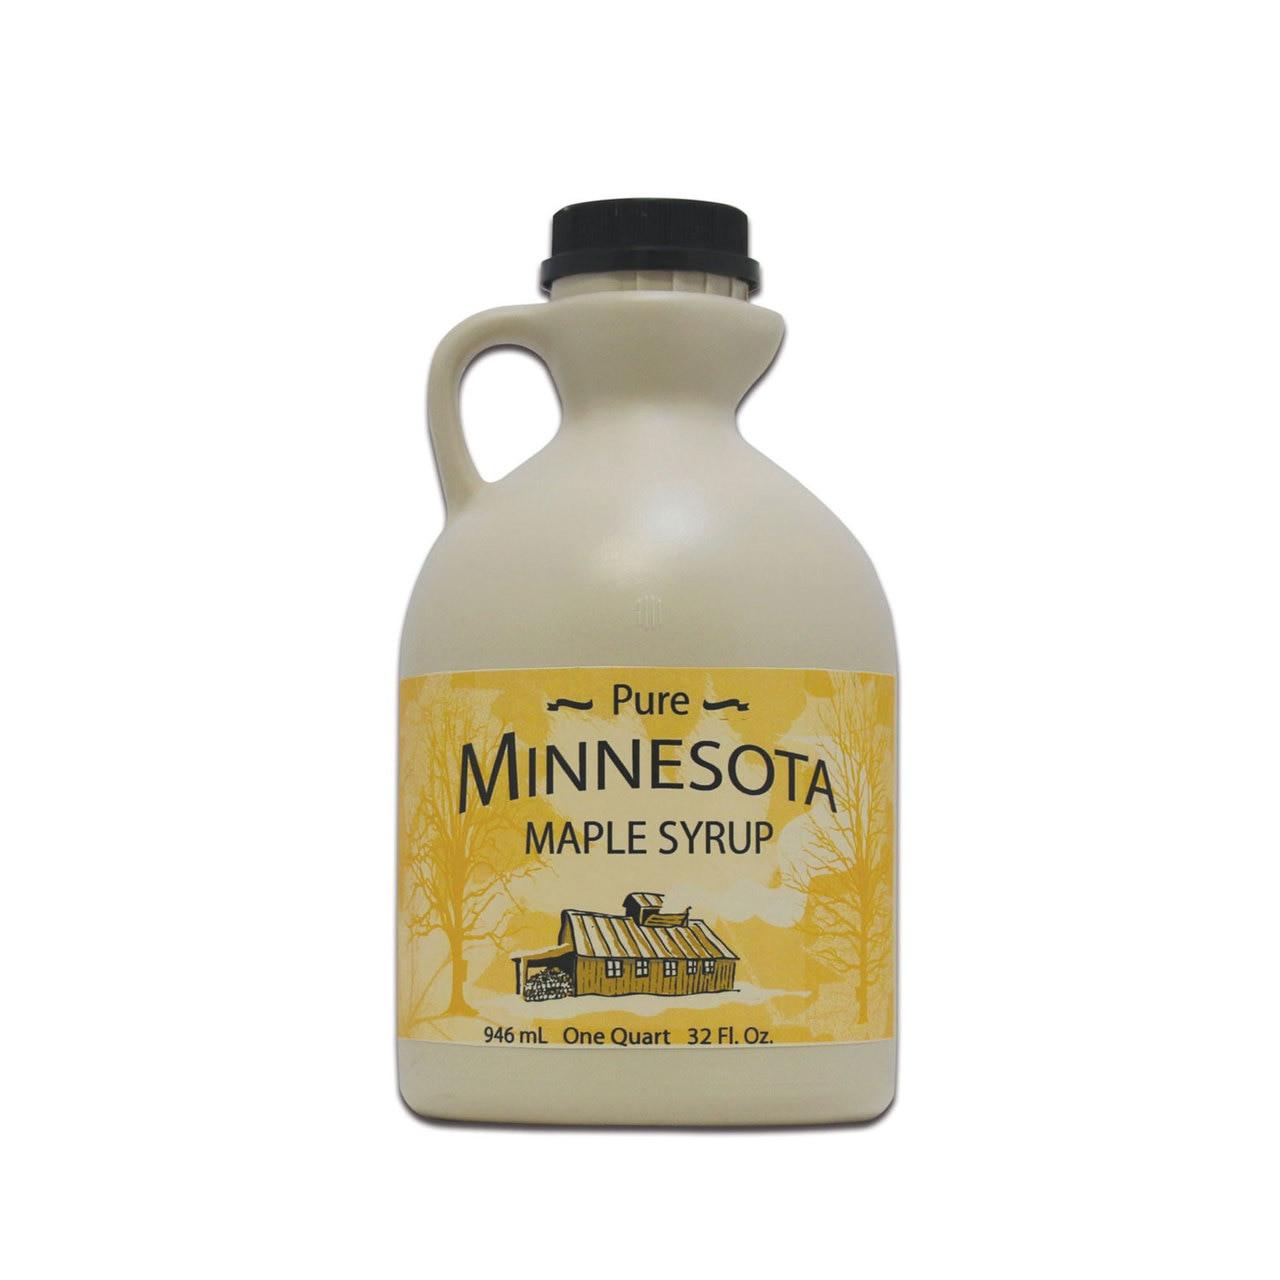 Plastic Jug for Maple Syrup - Minnesota